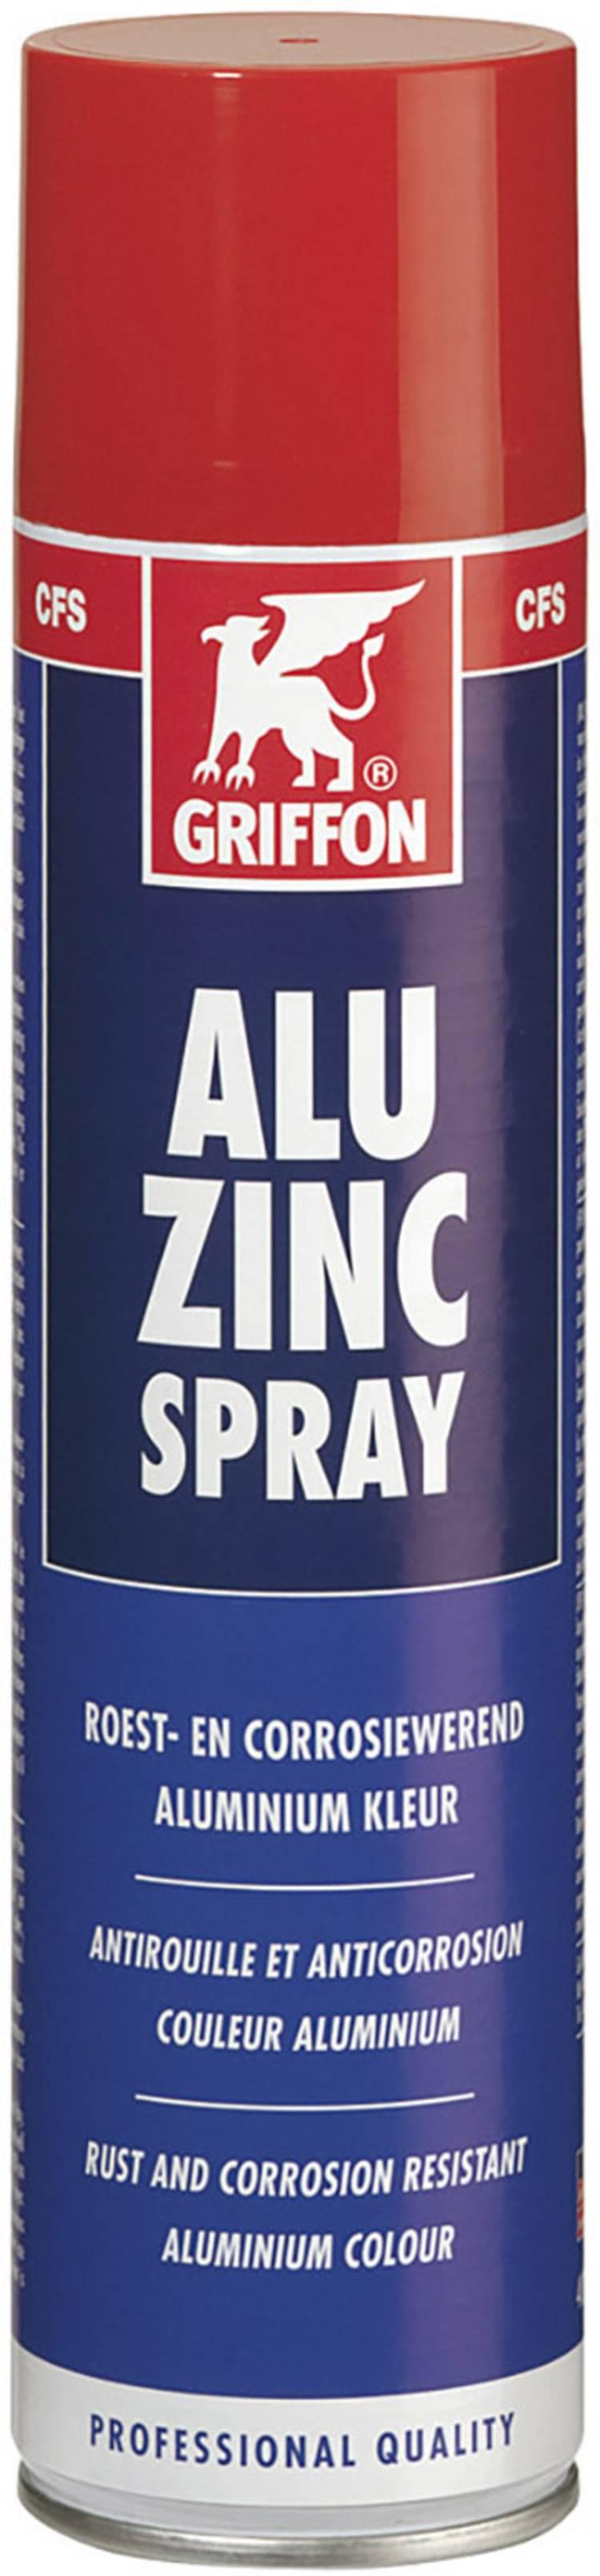 Image of Aluzinkspray 400 ml Griffon ALU ZINC 94140